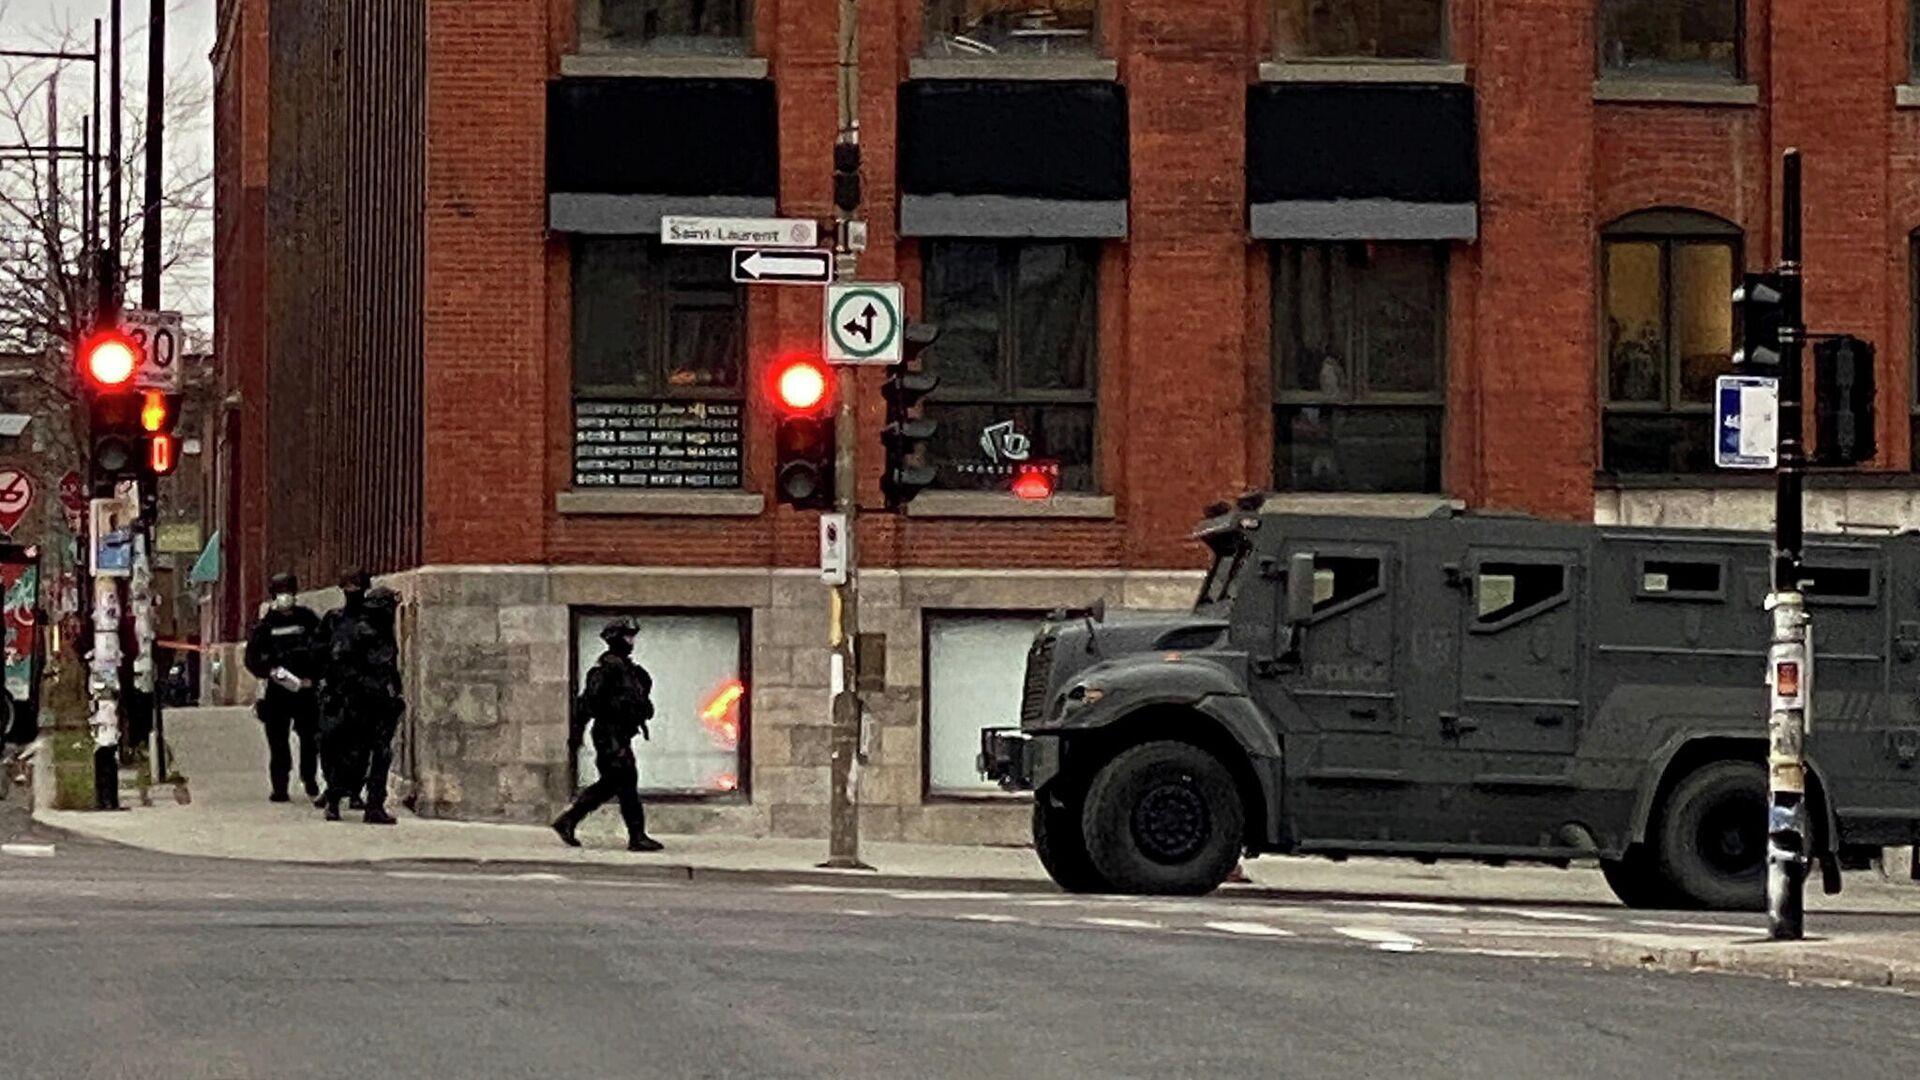 Полиция в Монреале возле здания офиса Ubisoft, где могут находиться заложники - РИА Новости, 1920, 14.11.2020